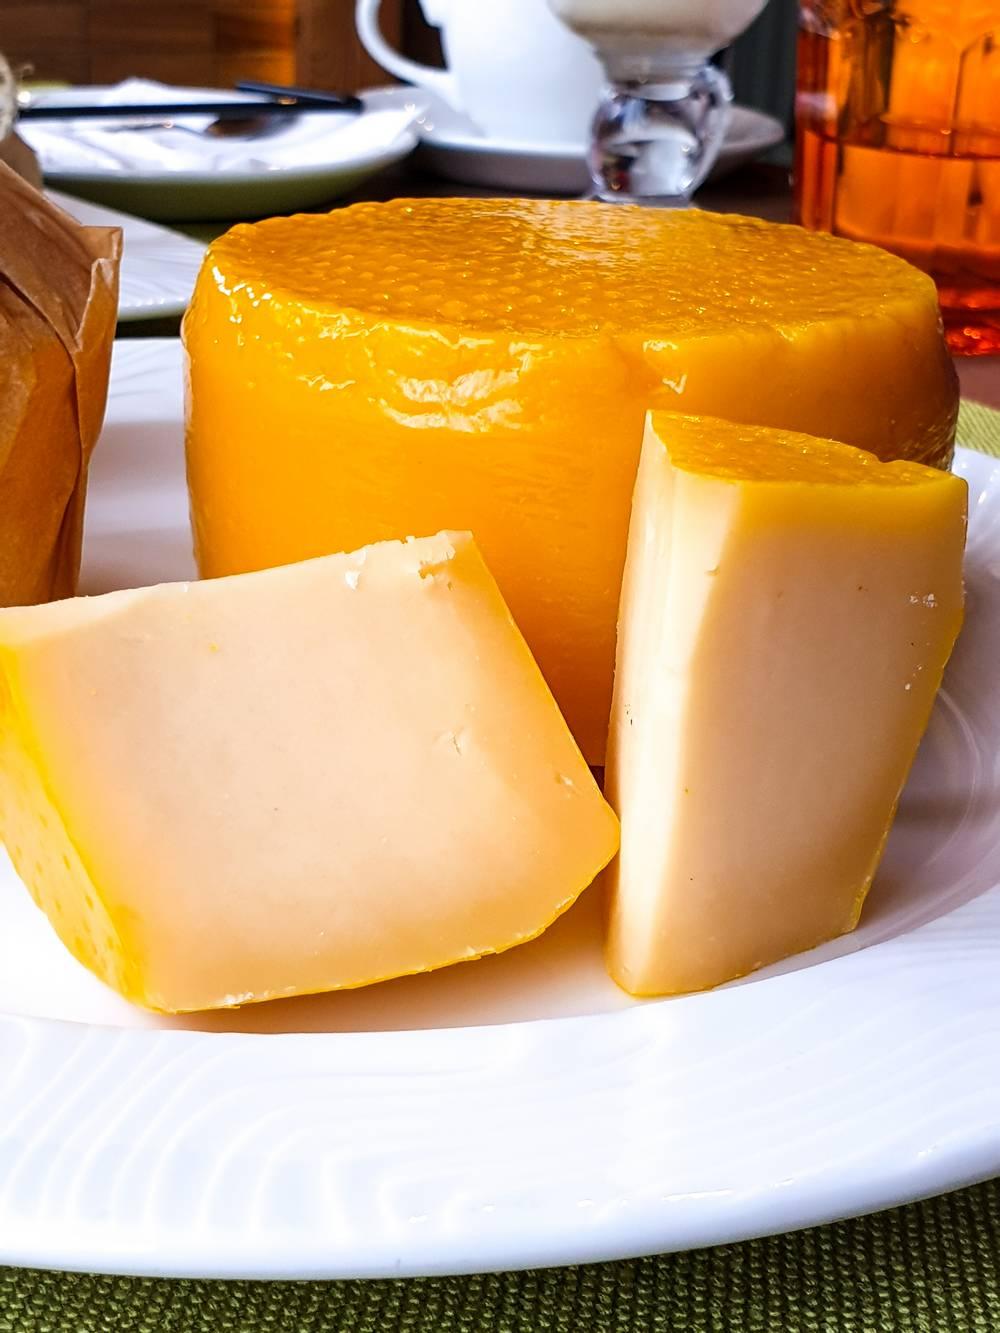 Качотта сыр сыроварня доставка еды Волгоград кафе Marusya Маруся Дома